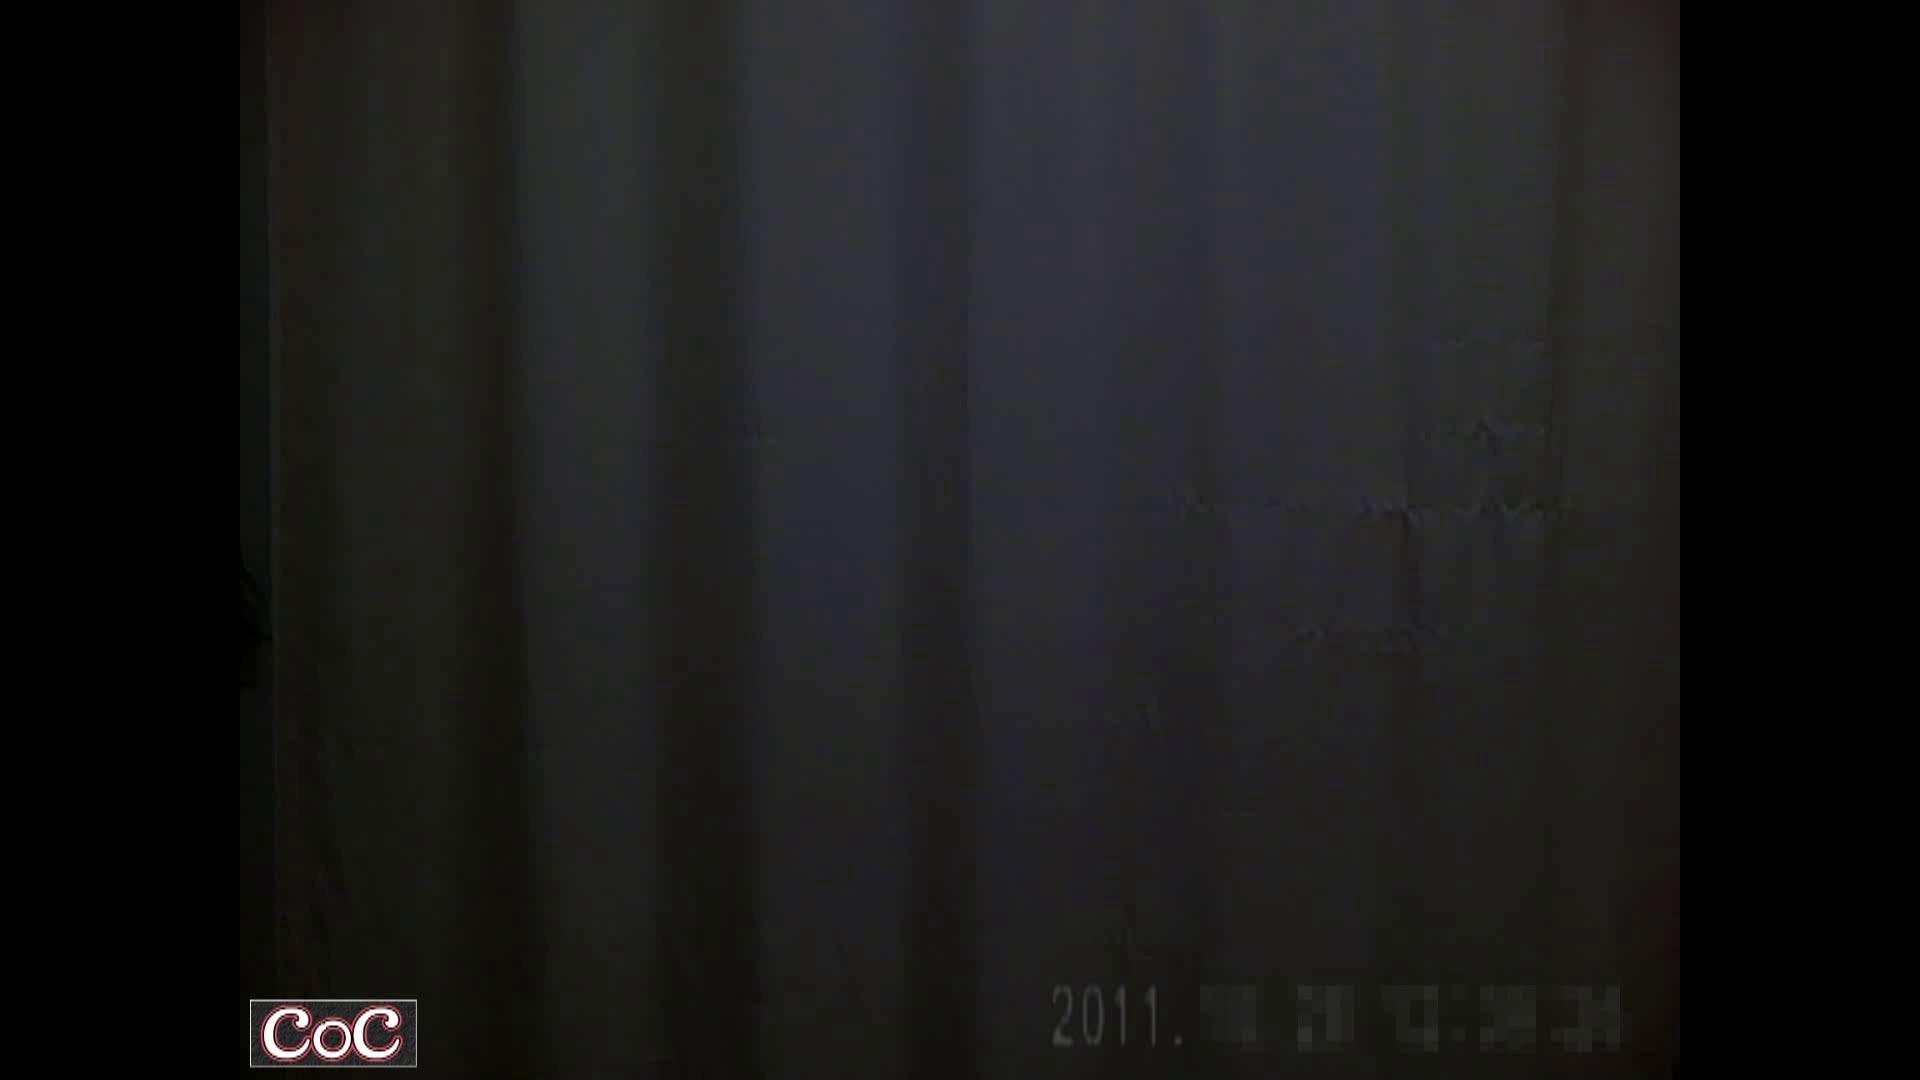 病院おもいっきり着替え! vol.75 おっぱい特集 オマンコ無修正動画無料 84pic 74